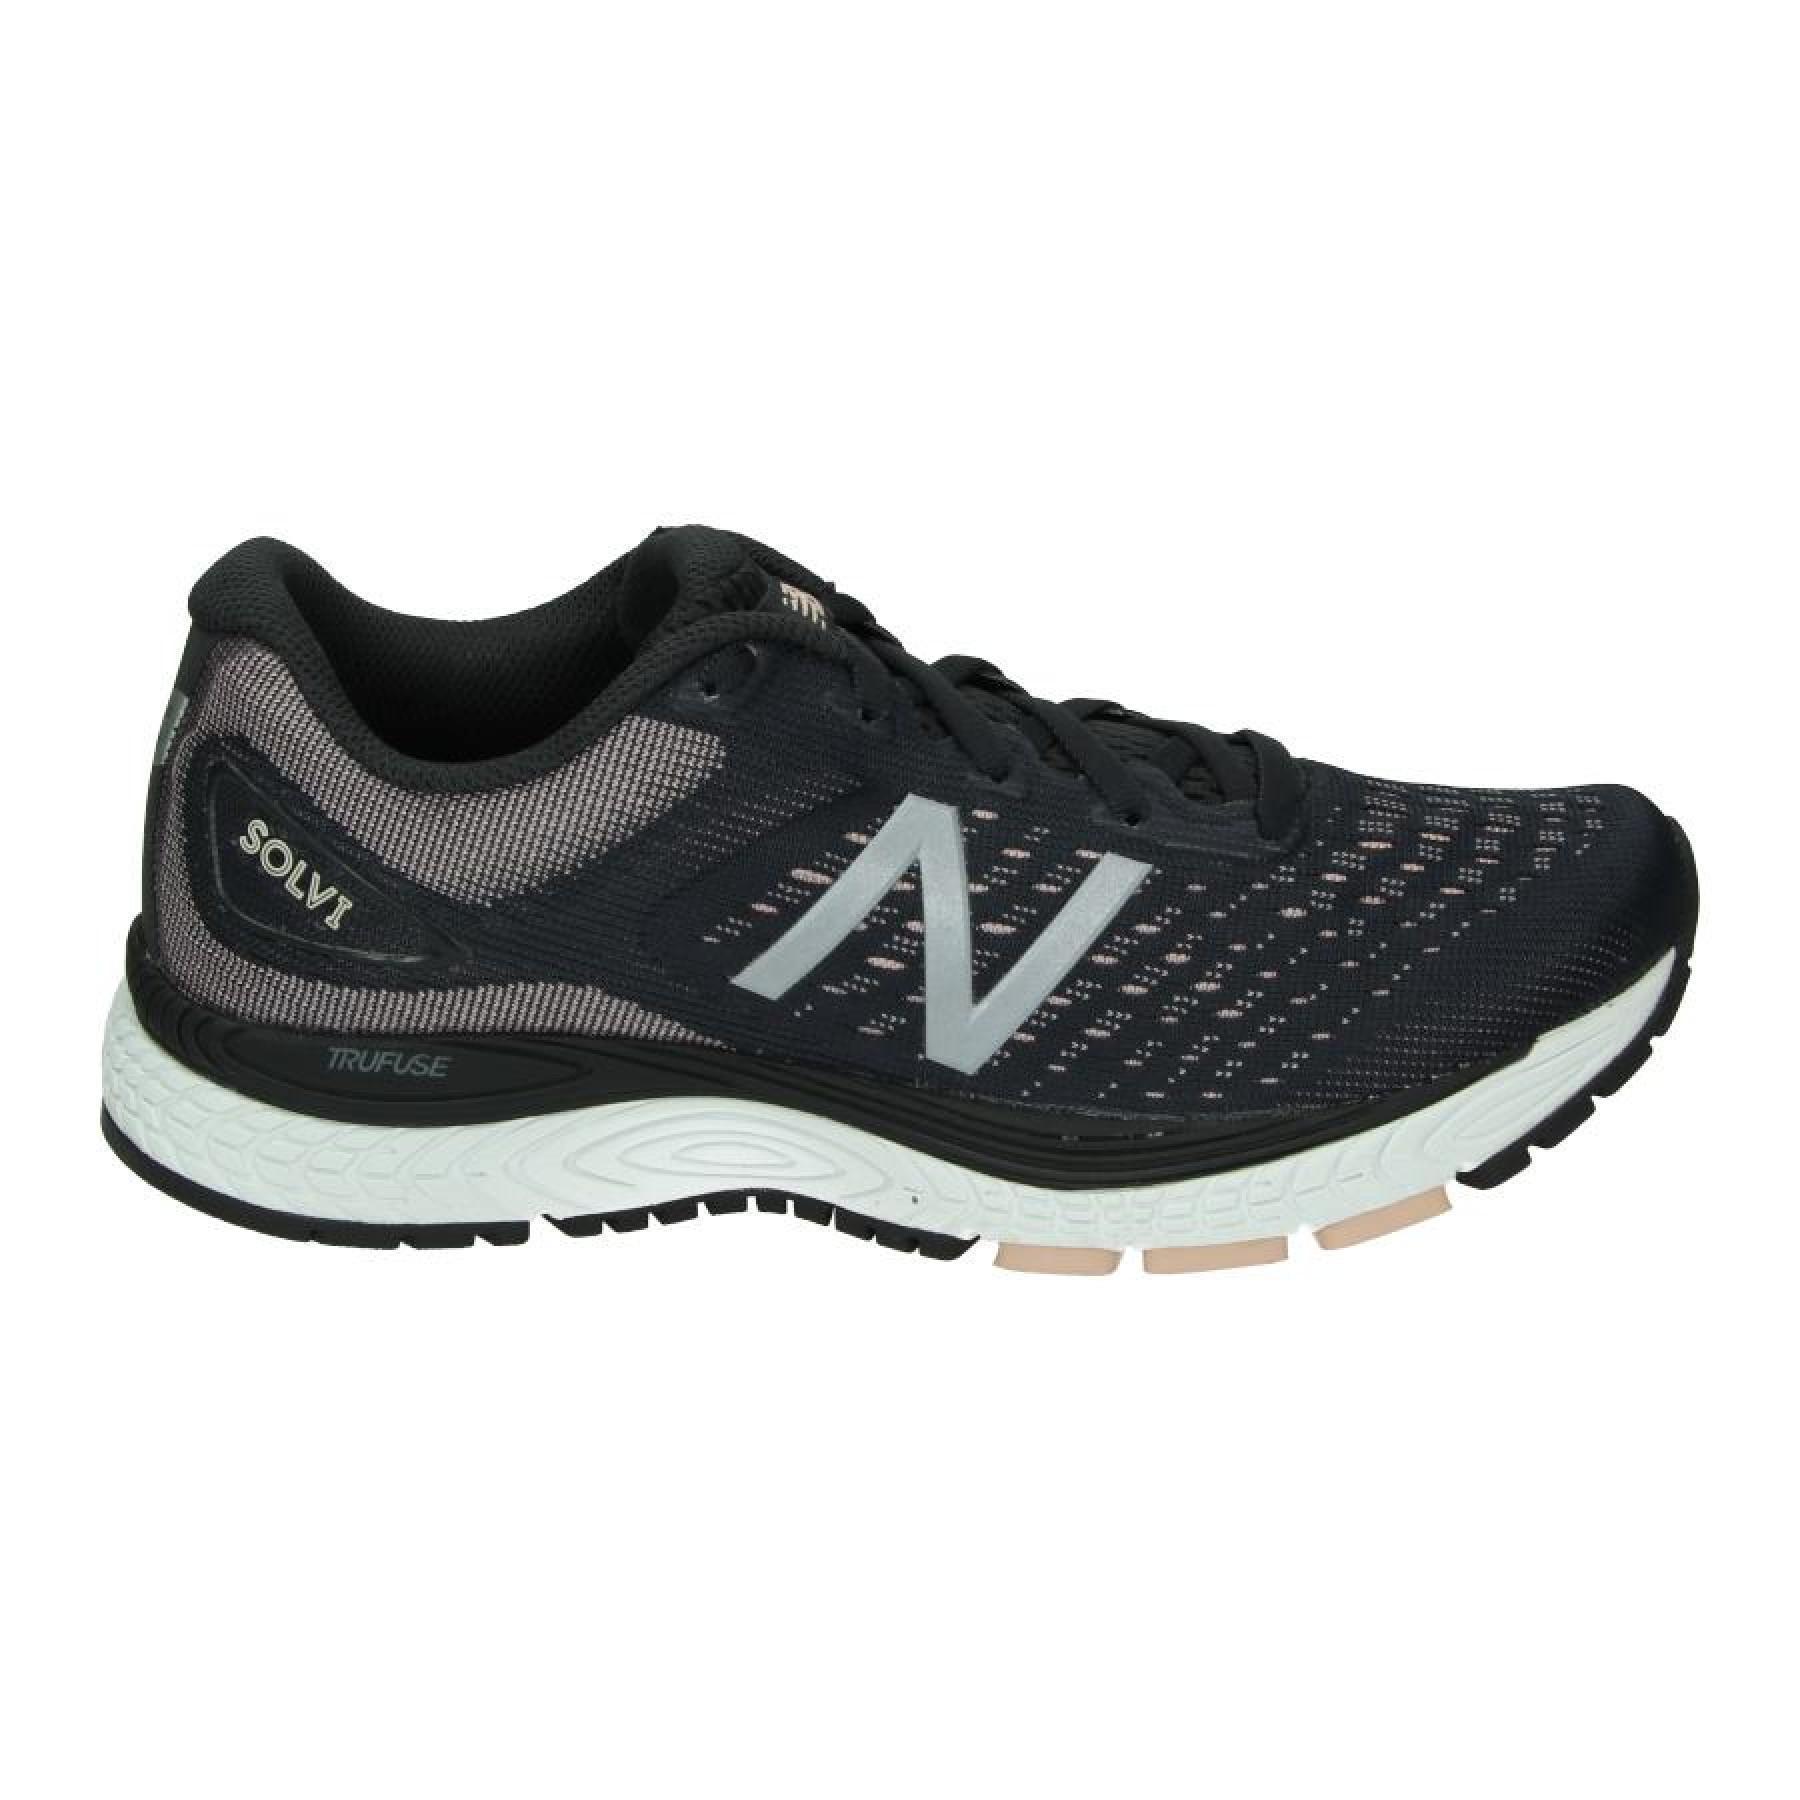 New Balance WSOLV B LB2 Shoes